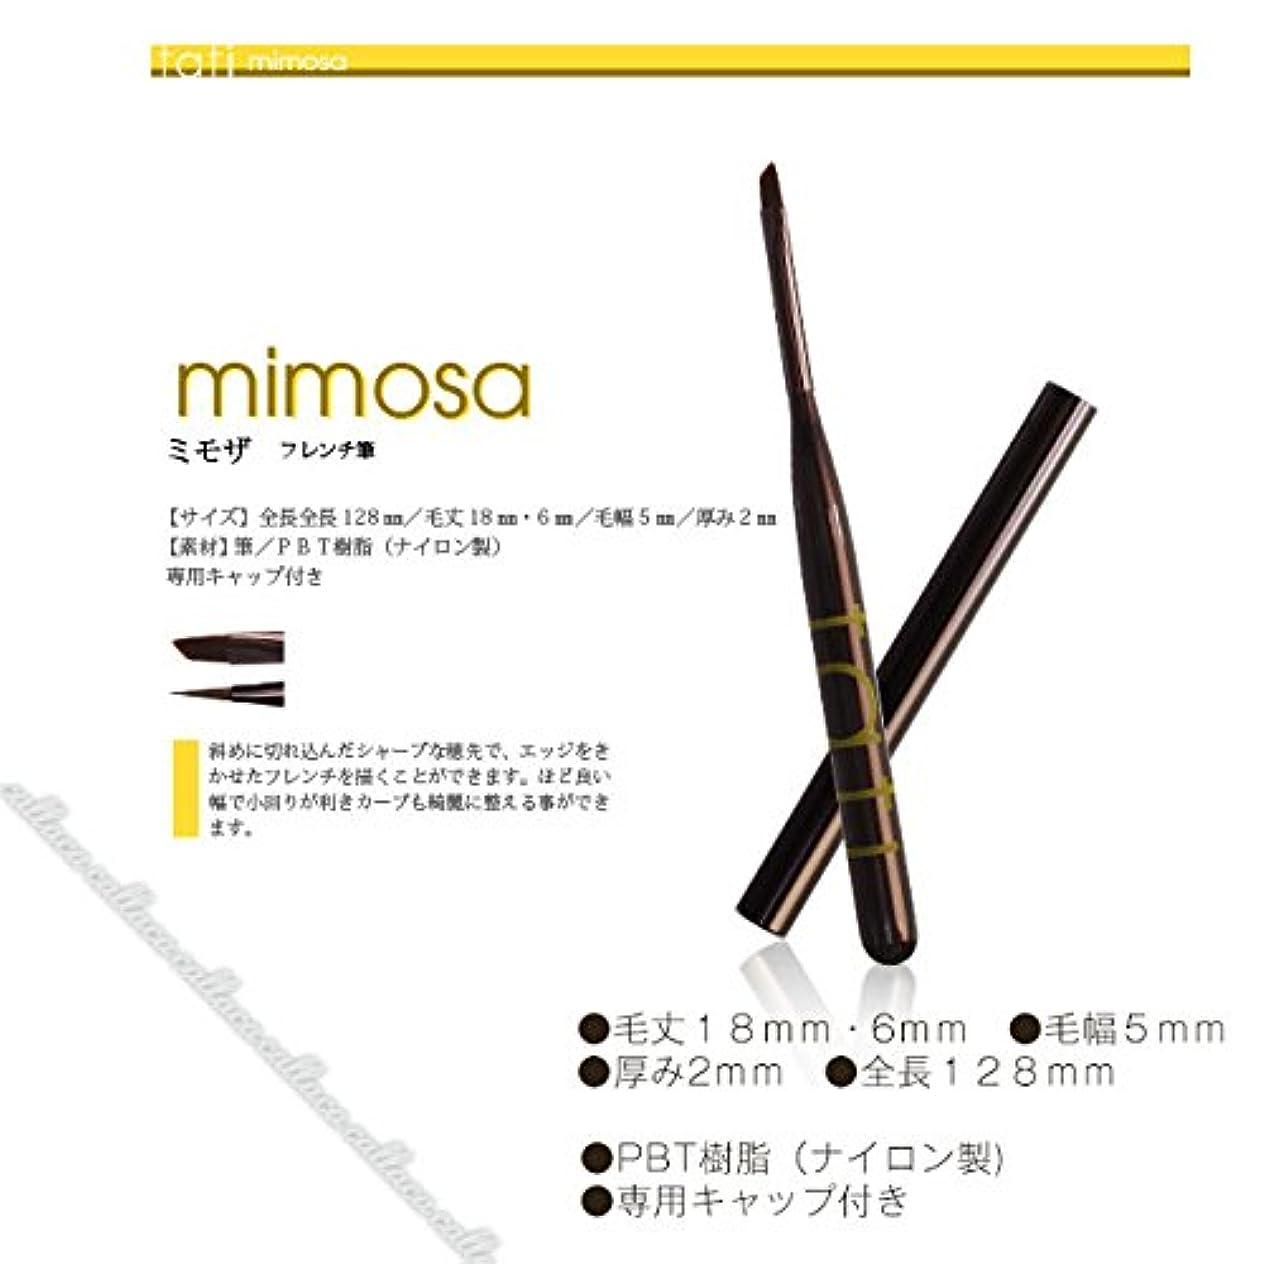 ベット些細ナプキンtati アートショコラ mimosa (ミモザ)